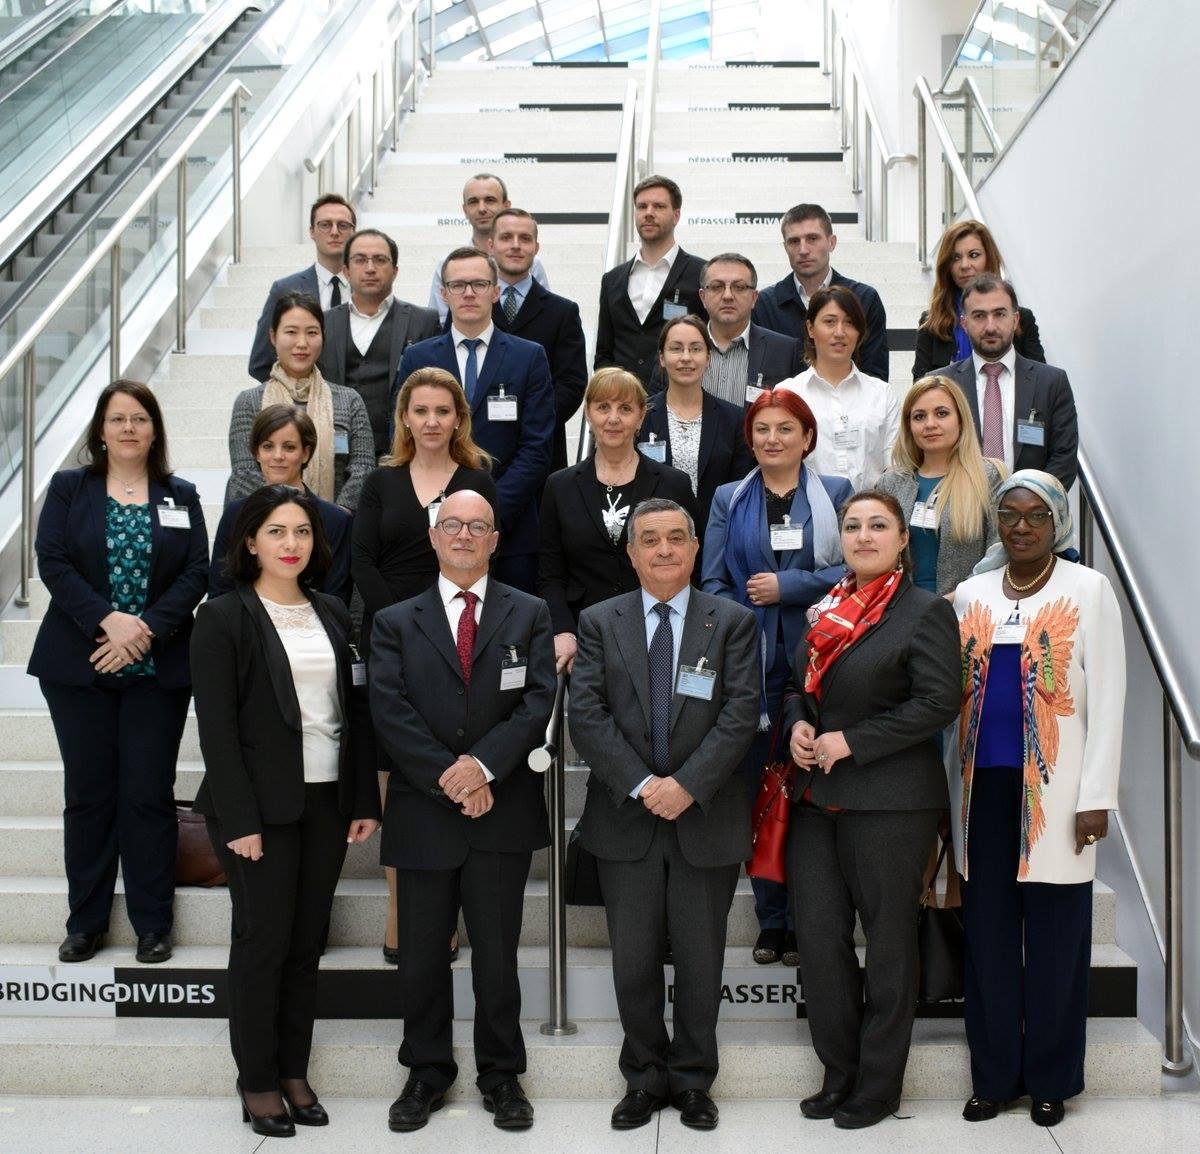 Հանձնաժողովի թիմը մասնակցել է Բարեվարքության ցանցի միջազգային աշխատաժողովին